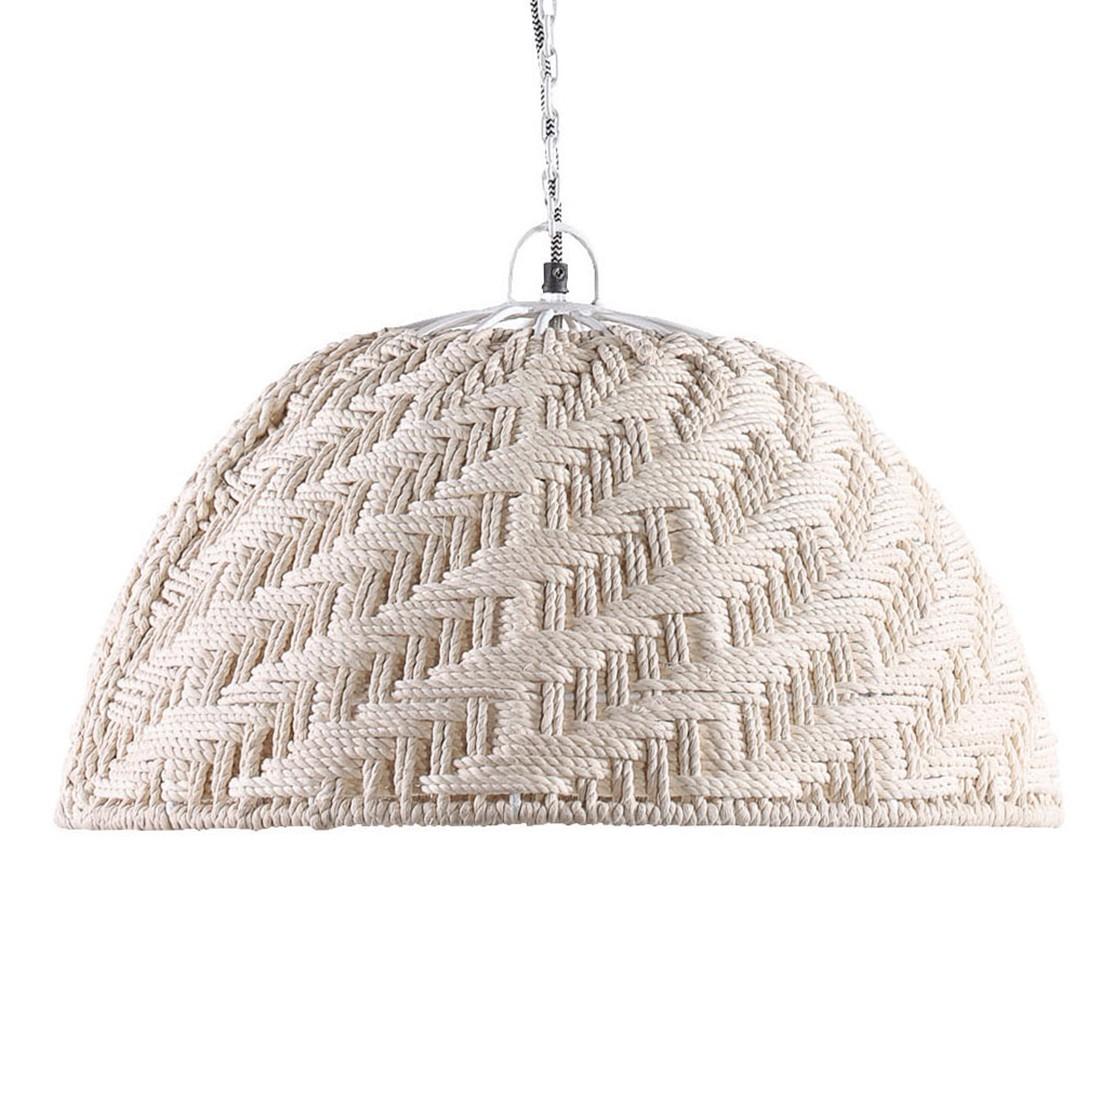 Pendelleuchte Gatsby | Lampen > Deckenleuchten > Pendelleuchten | Beige | Textil - Metall | Ars Natura